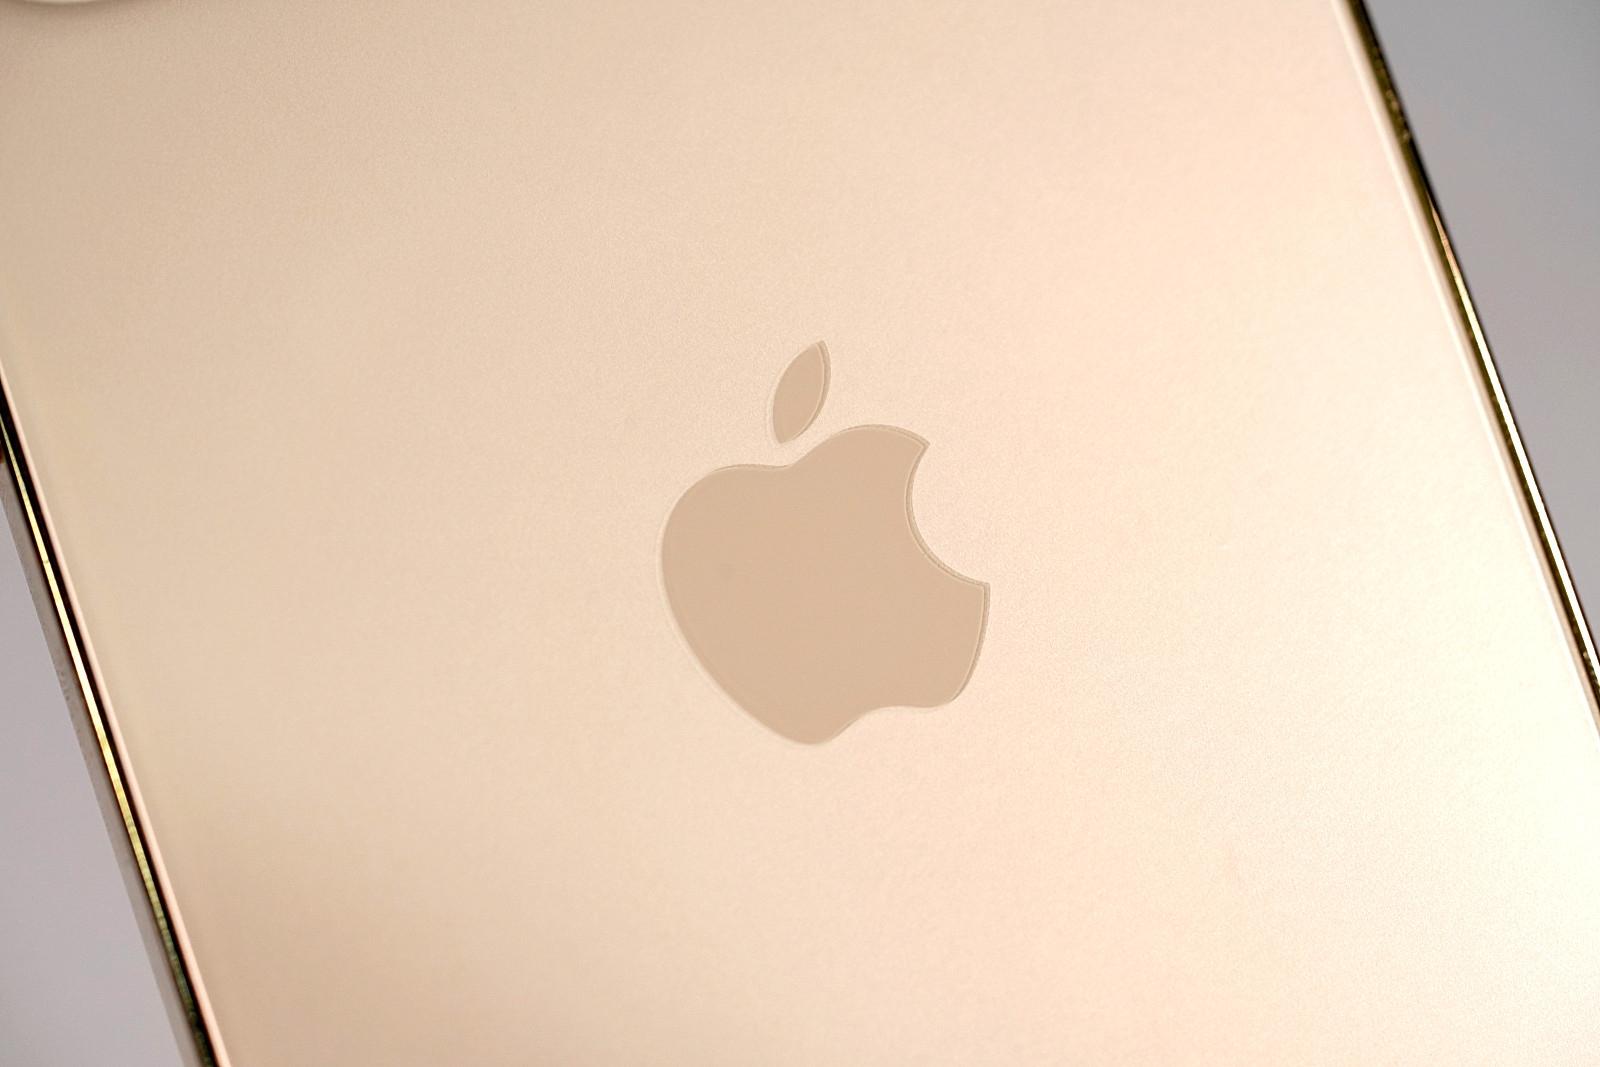 iPhone 12 mini大规模翻车:断触门严重影响心境